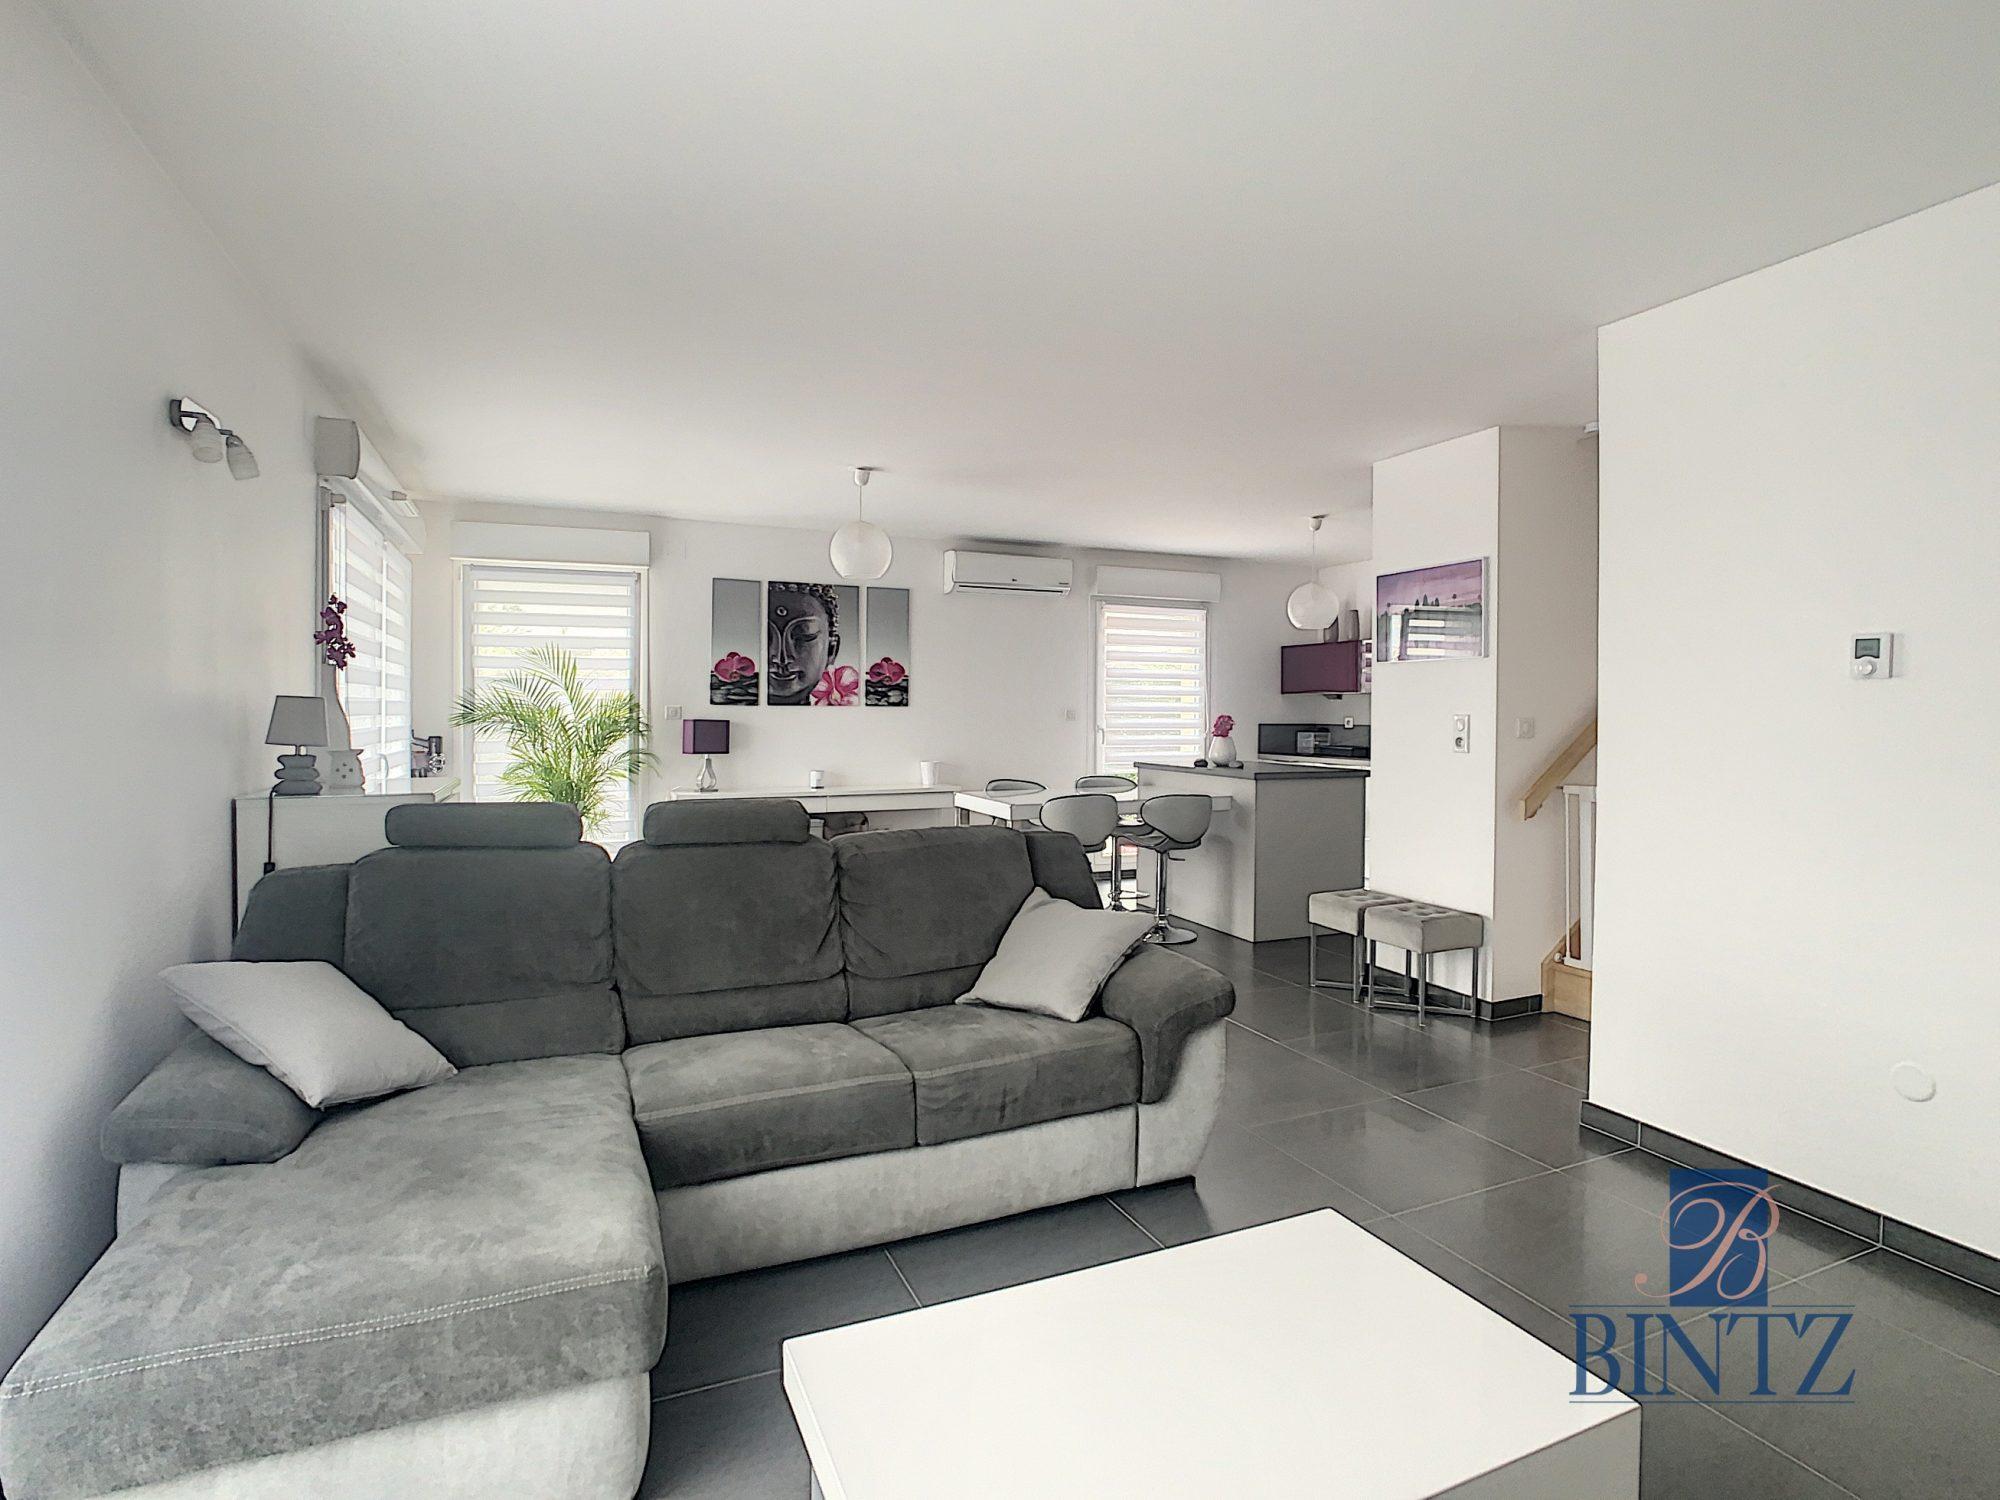 Appartement 4 pièces Duplex rez-de-jardin - Devenez propriétaire en toute confiance - Bintz Immobilier - 2